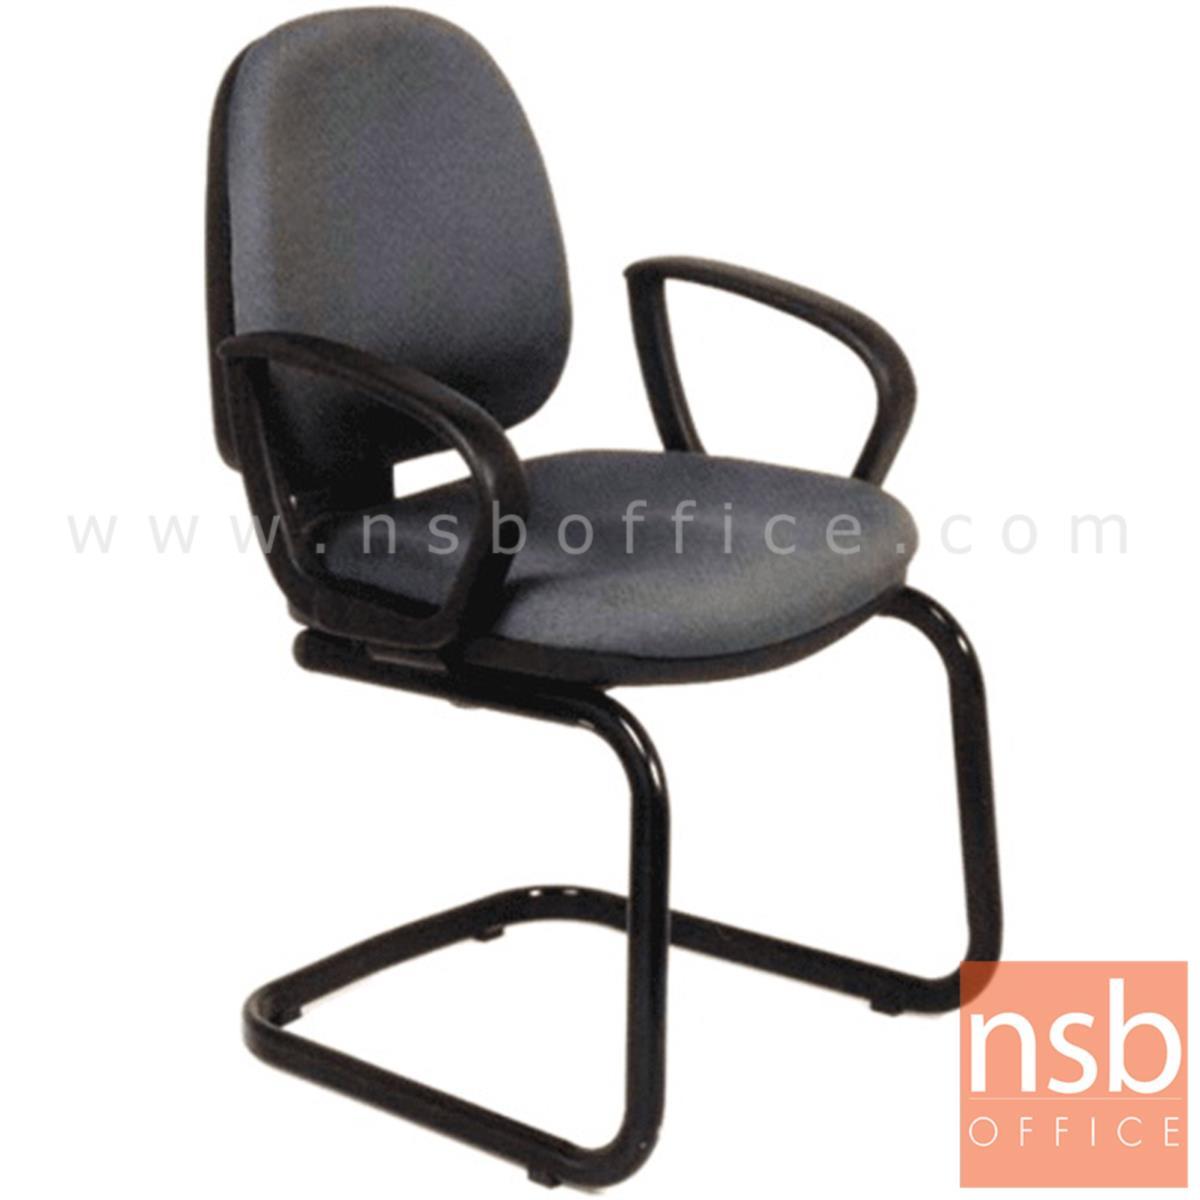 B04A124:เก้าอี้รับแขกขาตัวซี รุ่น CH-92D213  เบาะ 2 ชิ้น ขาเหล็กพ่นดำ